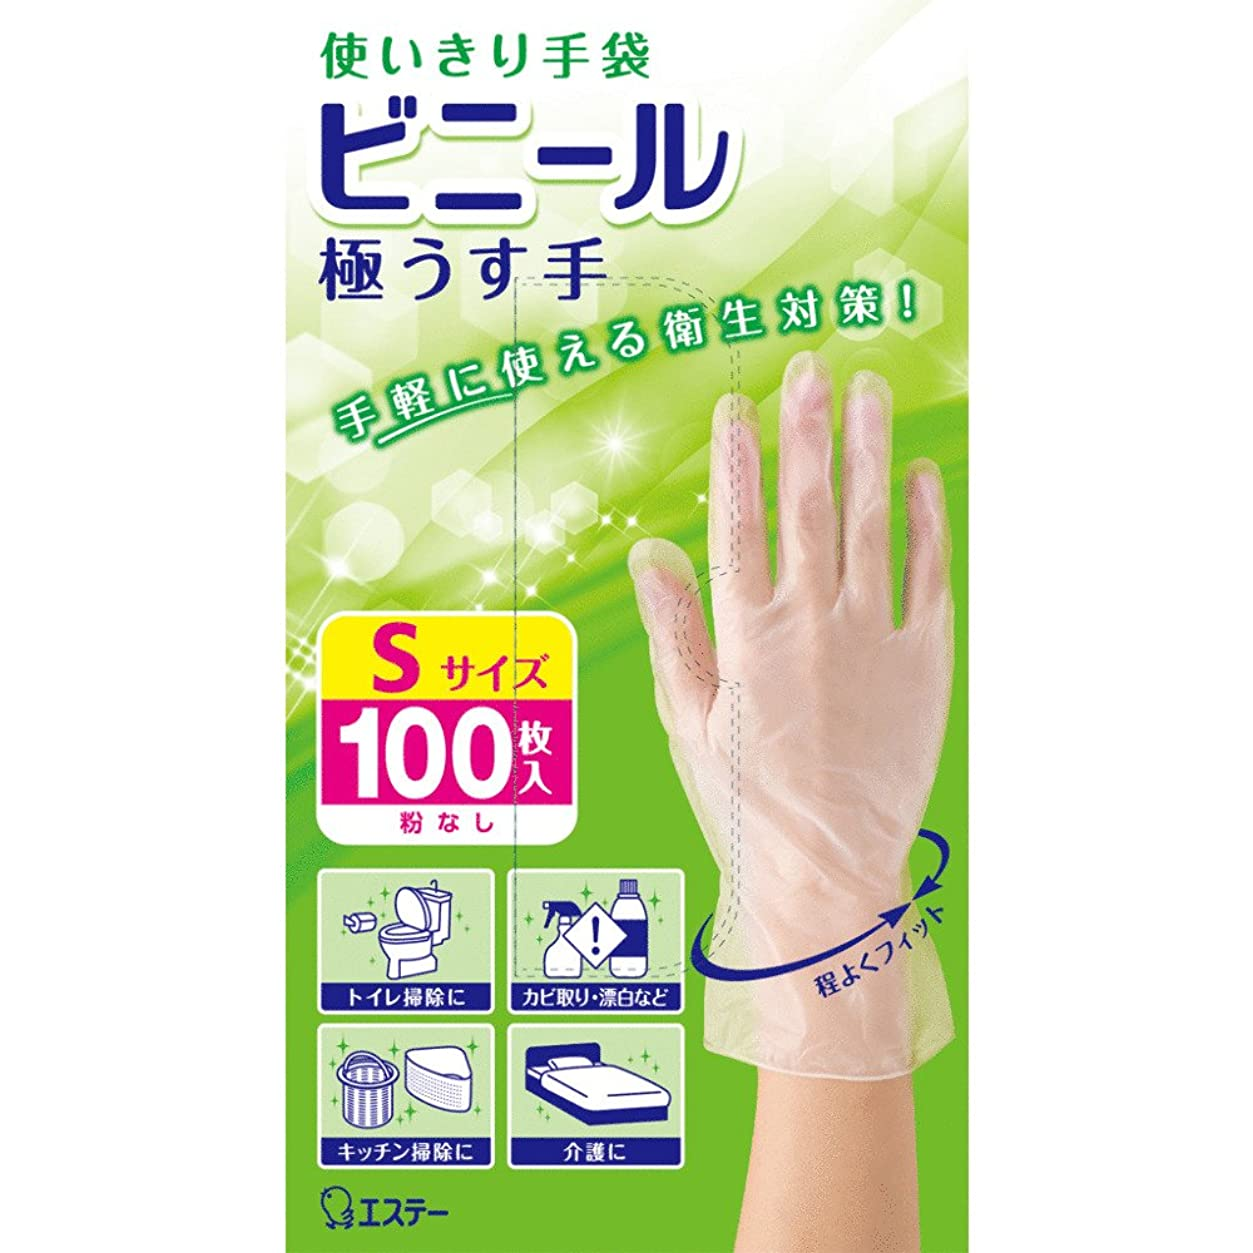 出演者硬さカバレッジ使いきり手袋 ビニール 極うす手 炊事?掃除用 Sサイズ 半透明 100枚